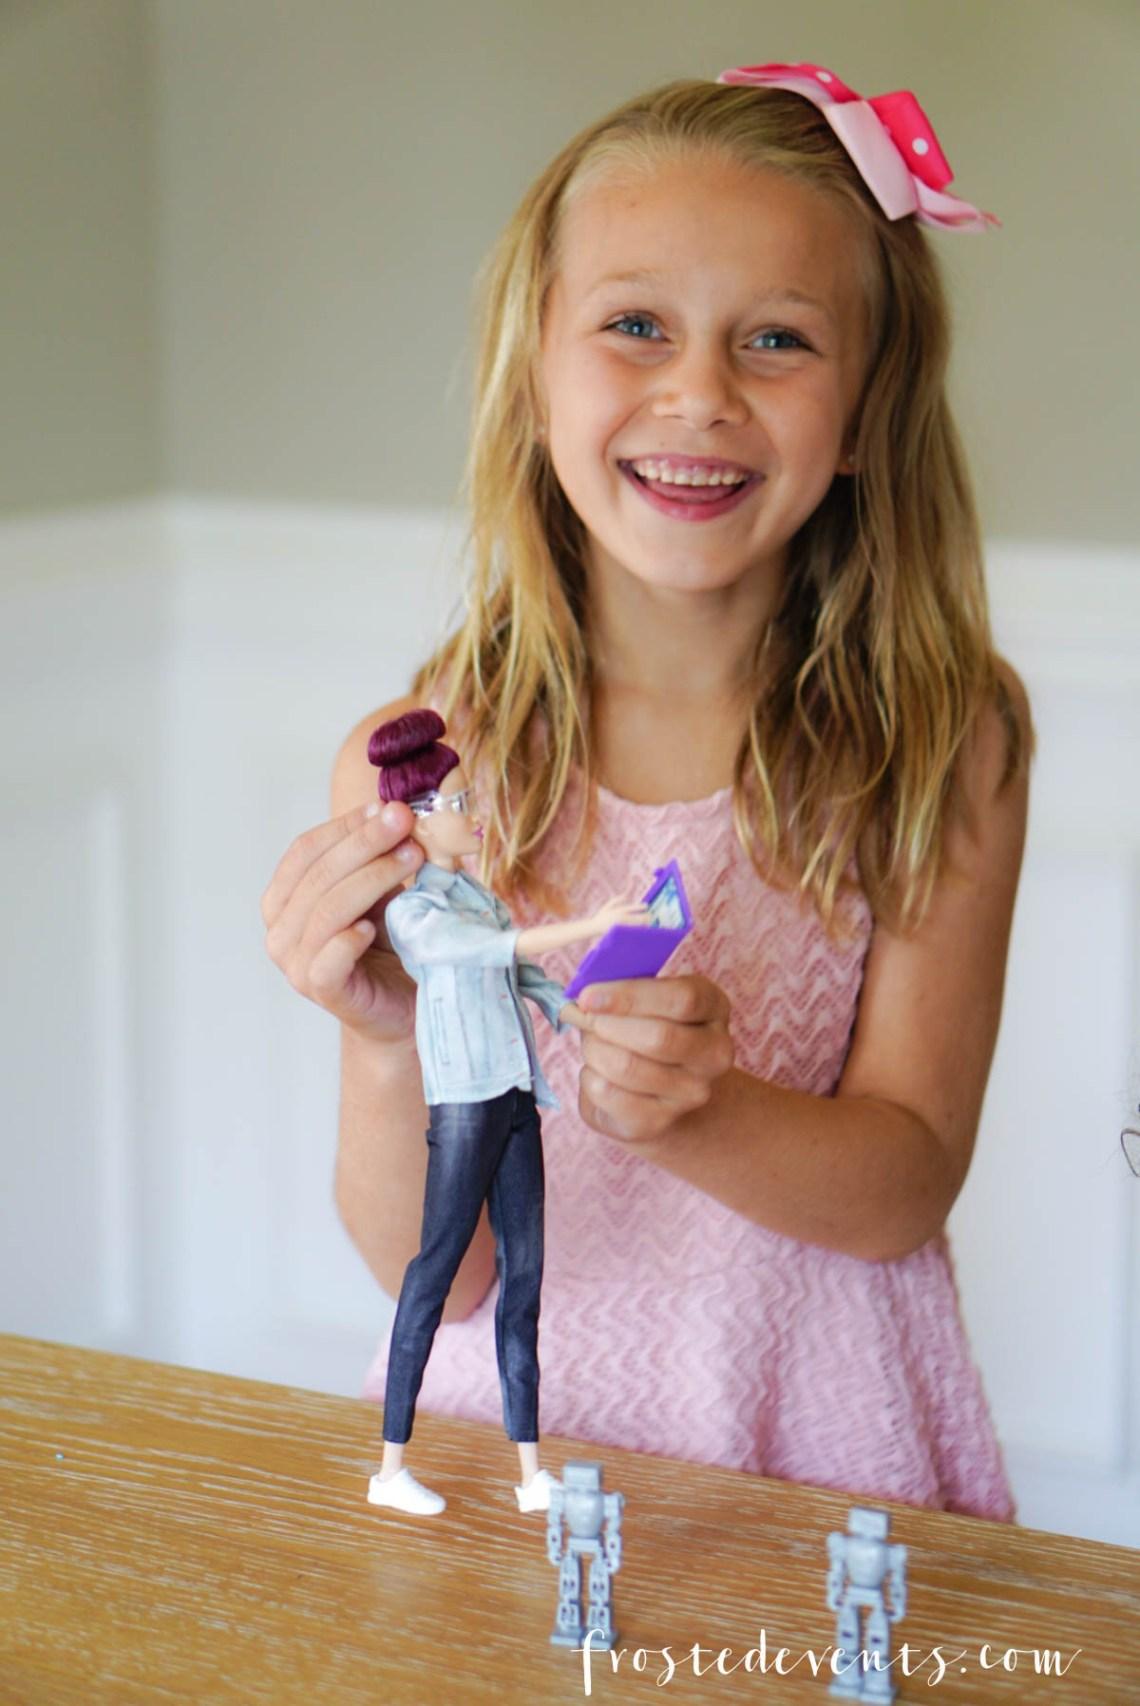 Barbie Career dolls - New Robotics Engineer Barbie Inspires STEM learning - via Misty Nelson, frostedblog frostedevents.com